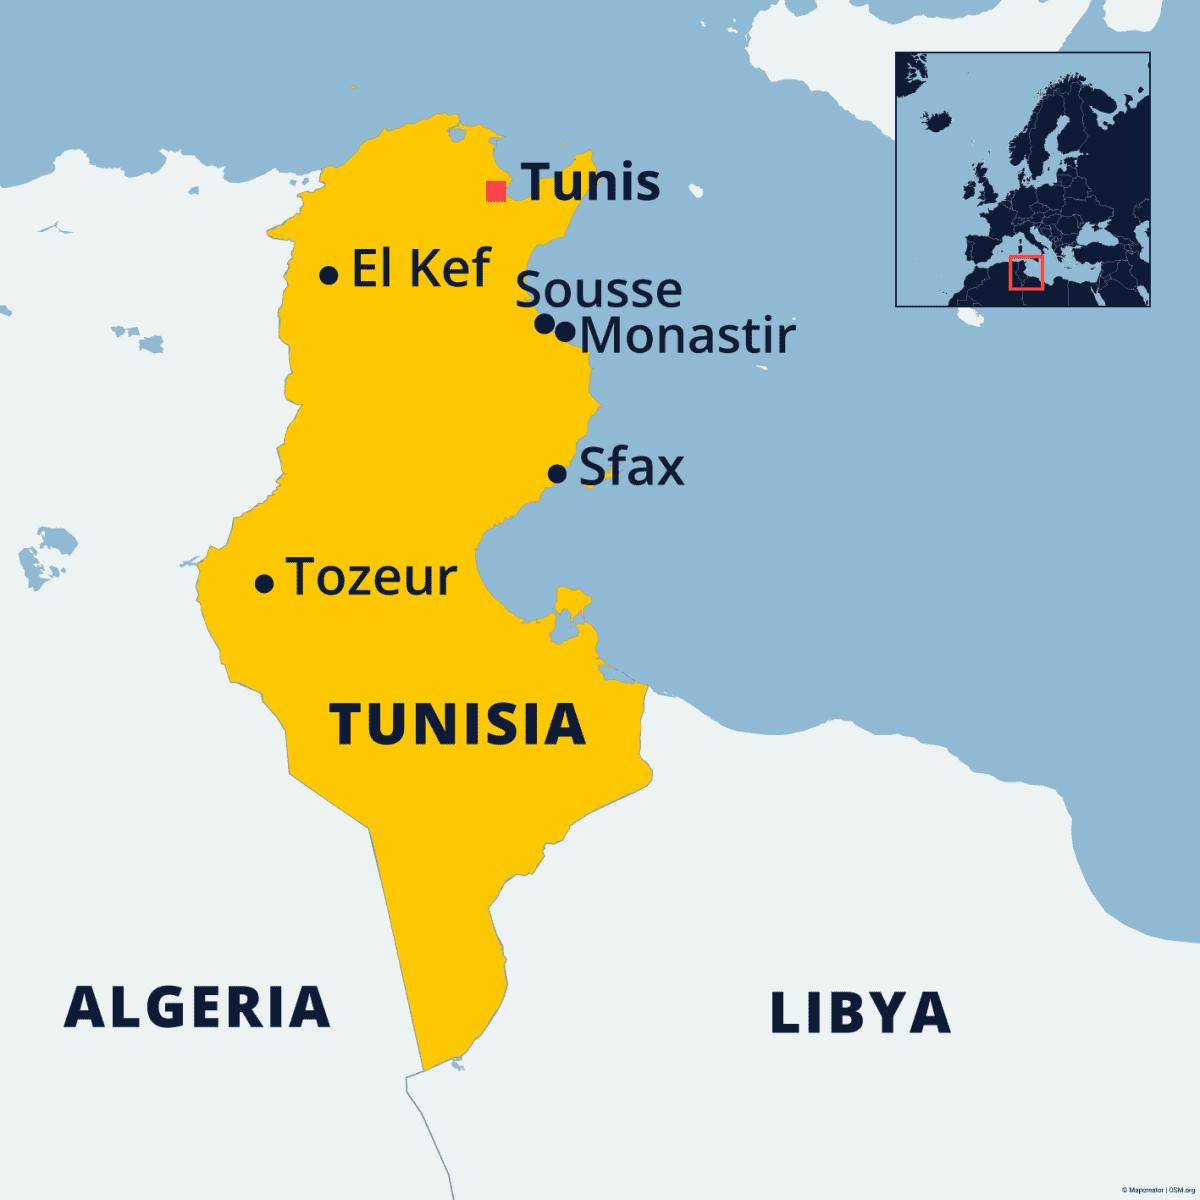 Tunisian kartta, johon merkitty pääkaupunki Tunis, sekä muista kaupungeista El Kef, Sousse, Monastir, Tozeur ja Sfax.